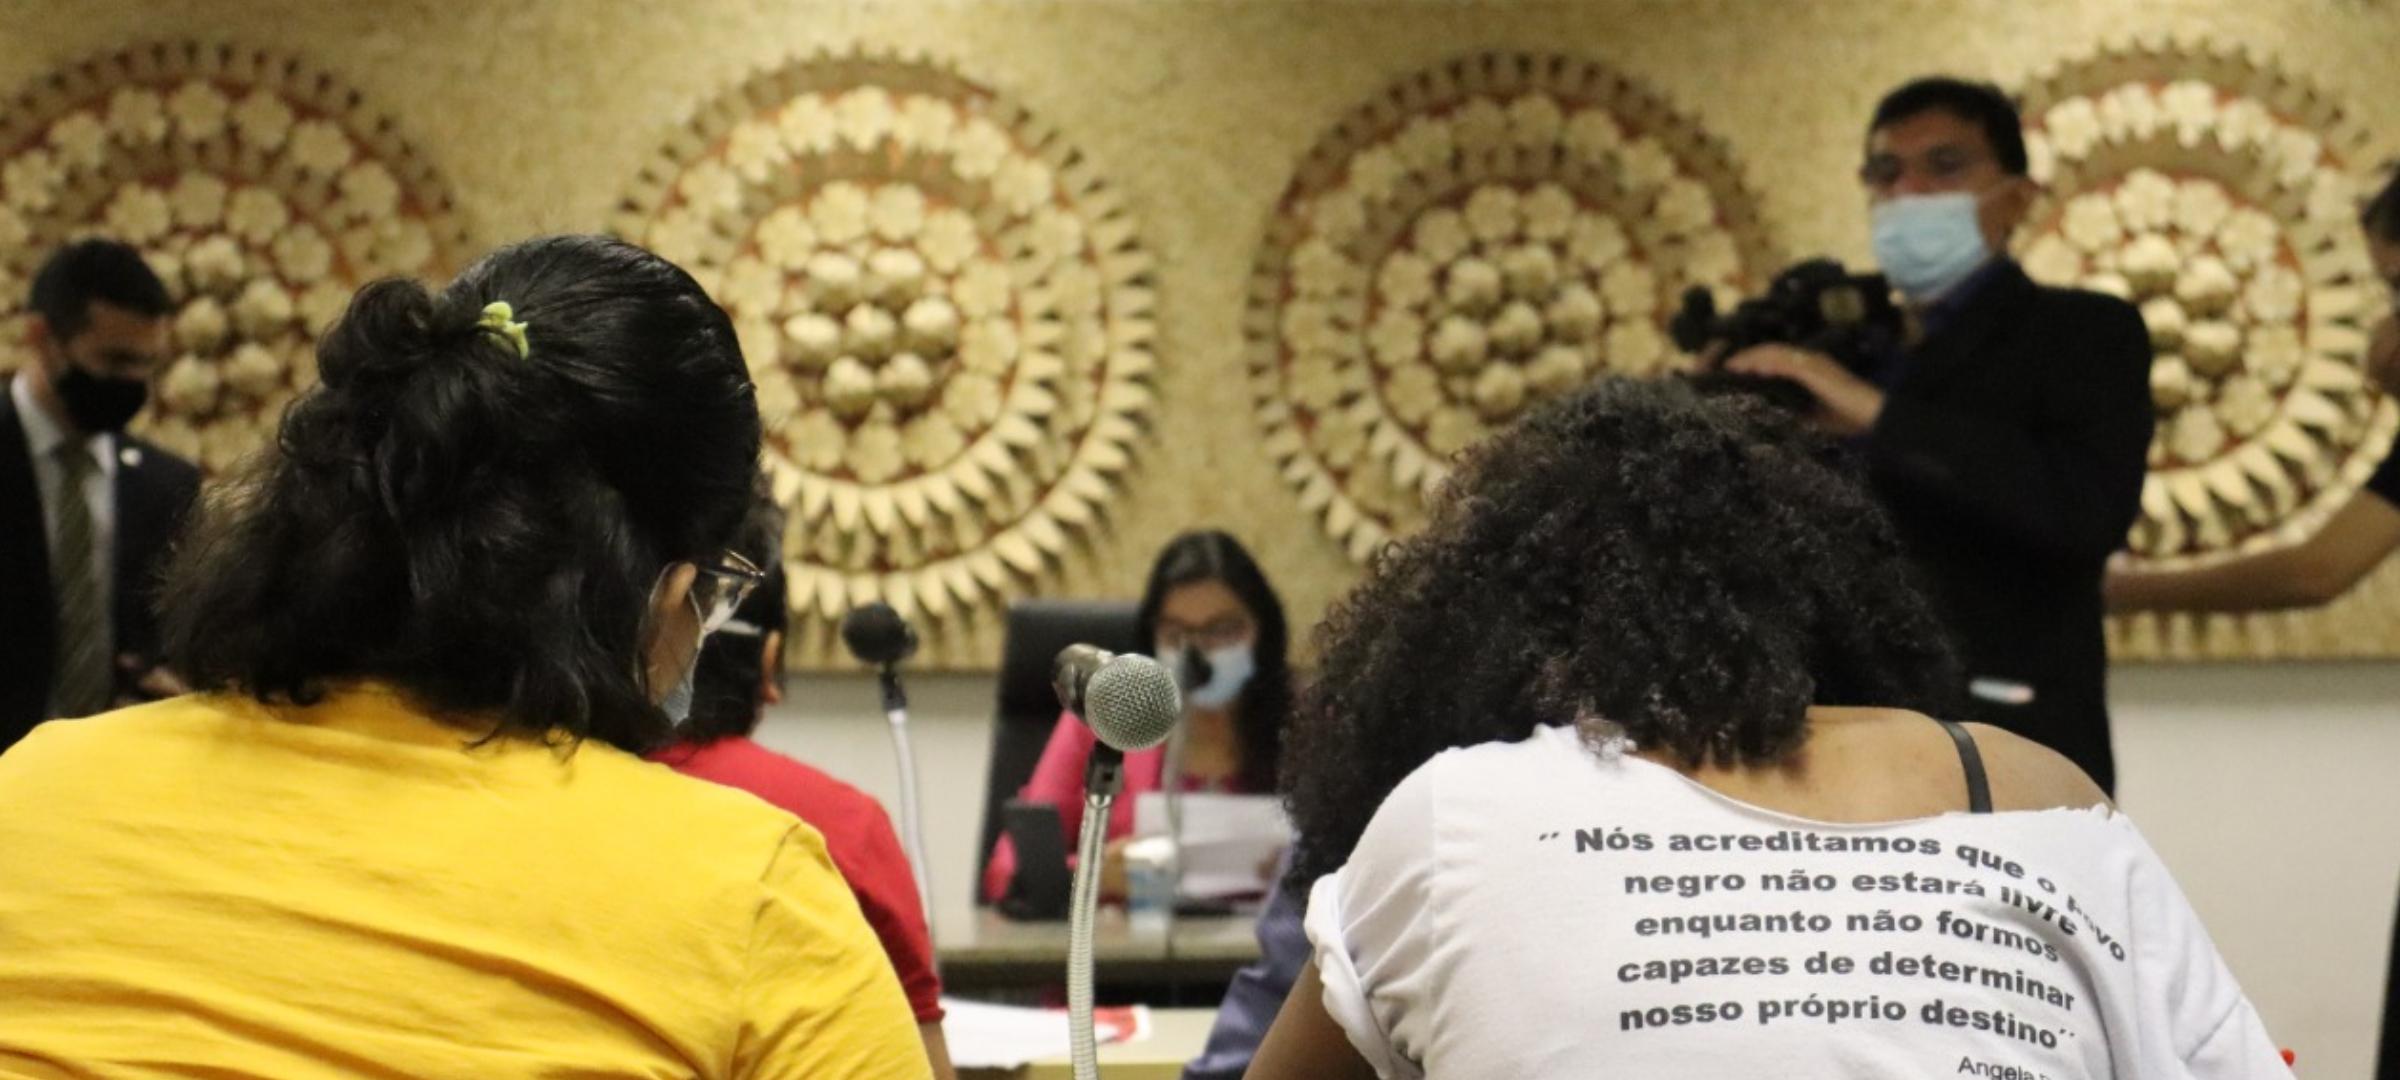 ADCESP propõe emenda ao PLOG 25 e retirada de pauta do PLOG 21 durante Audiência Pública na ALEPI